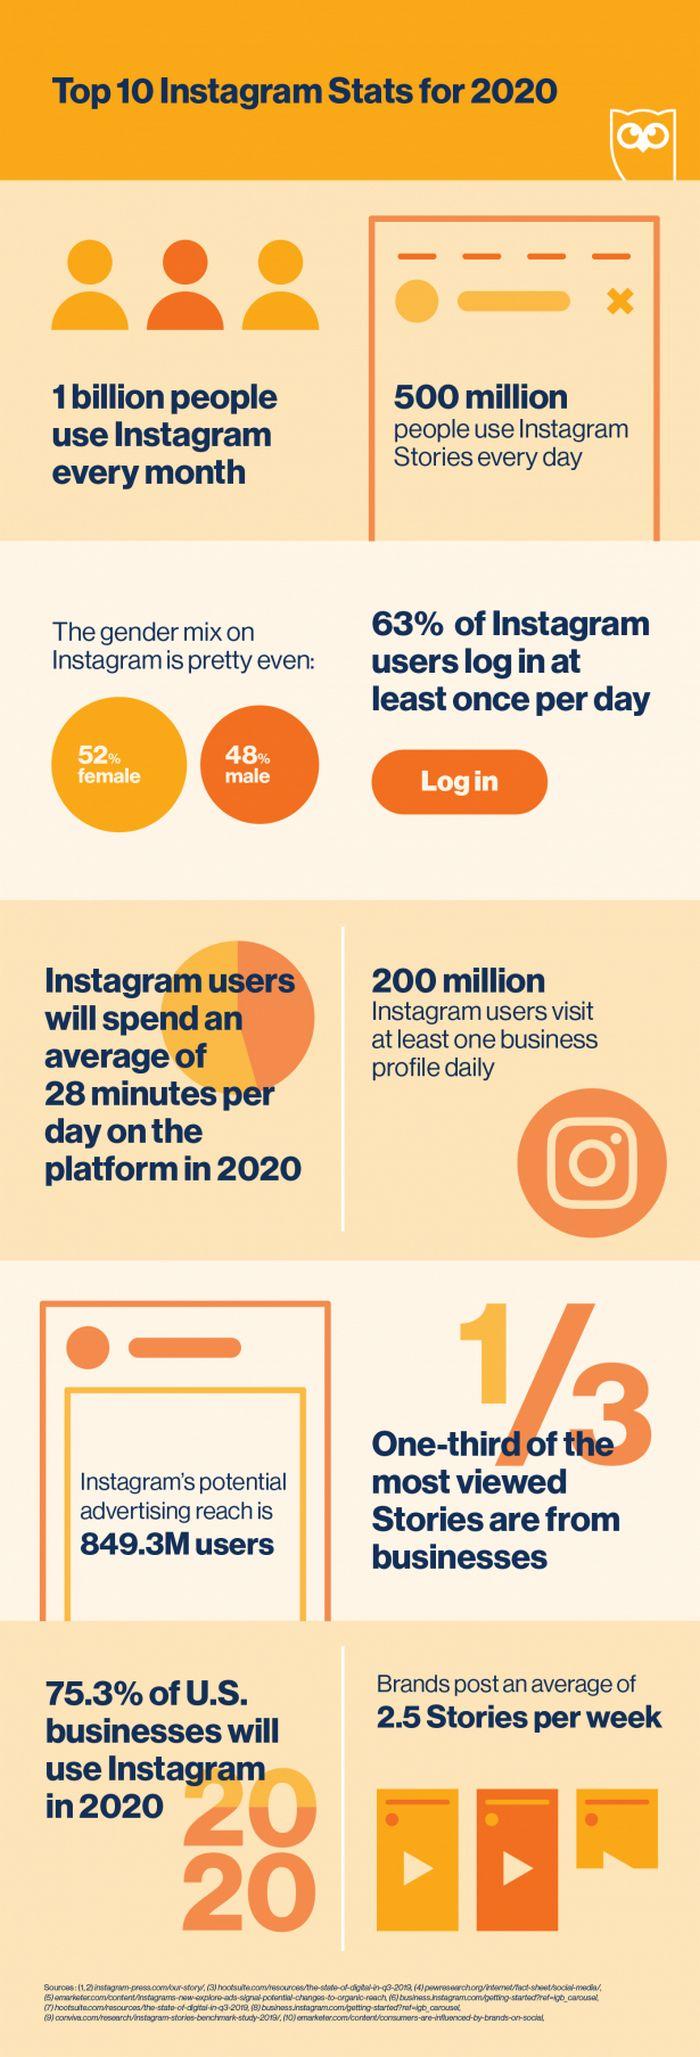 Instagram - Estadísticas a tener en cuenta para el 2020